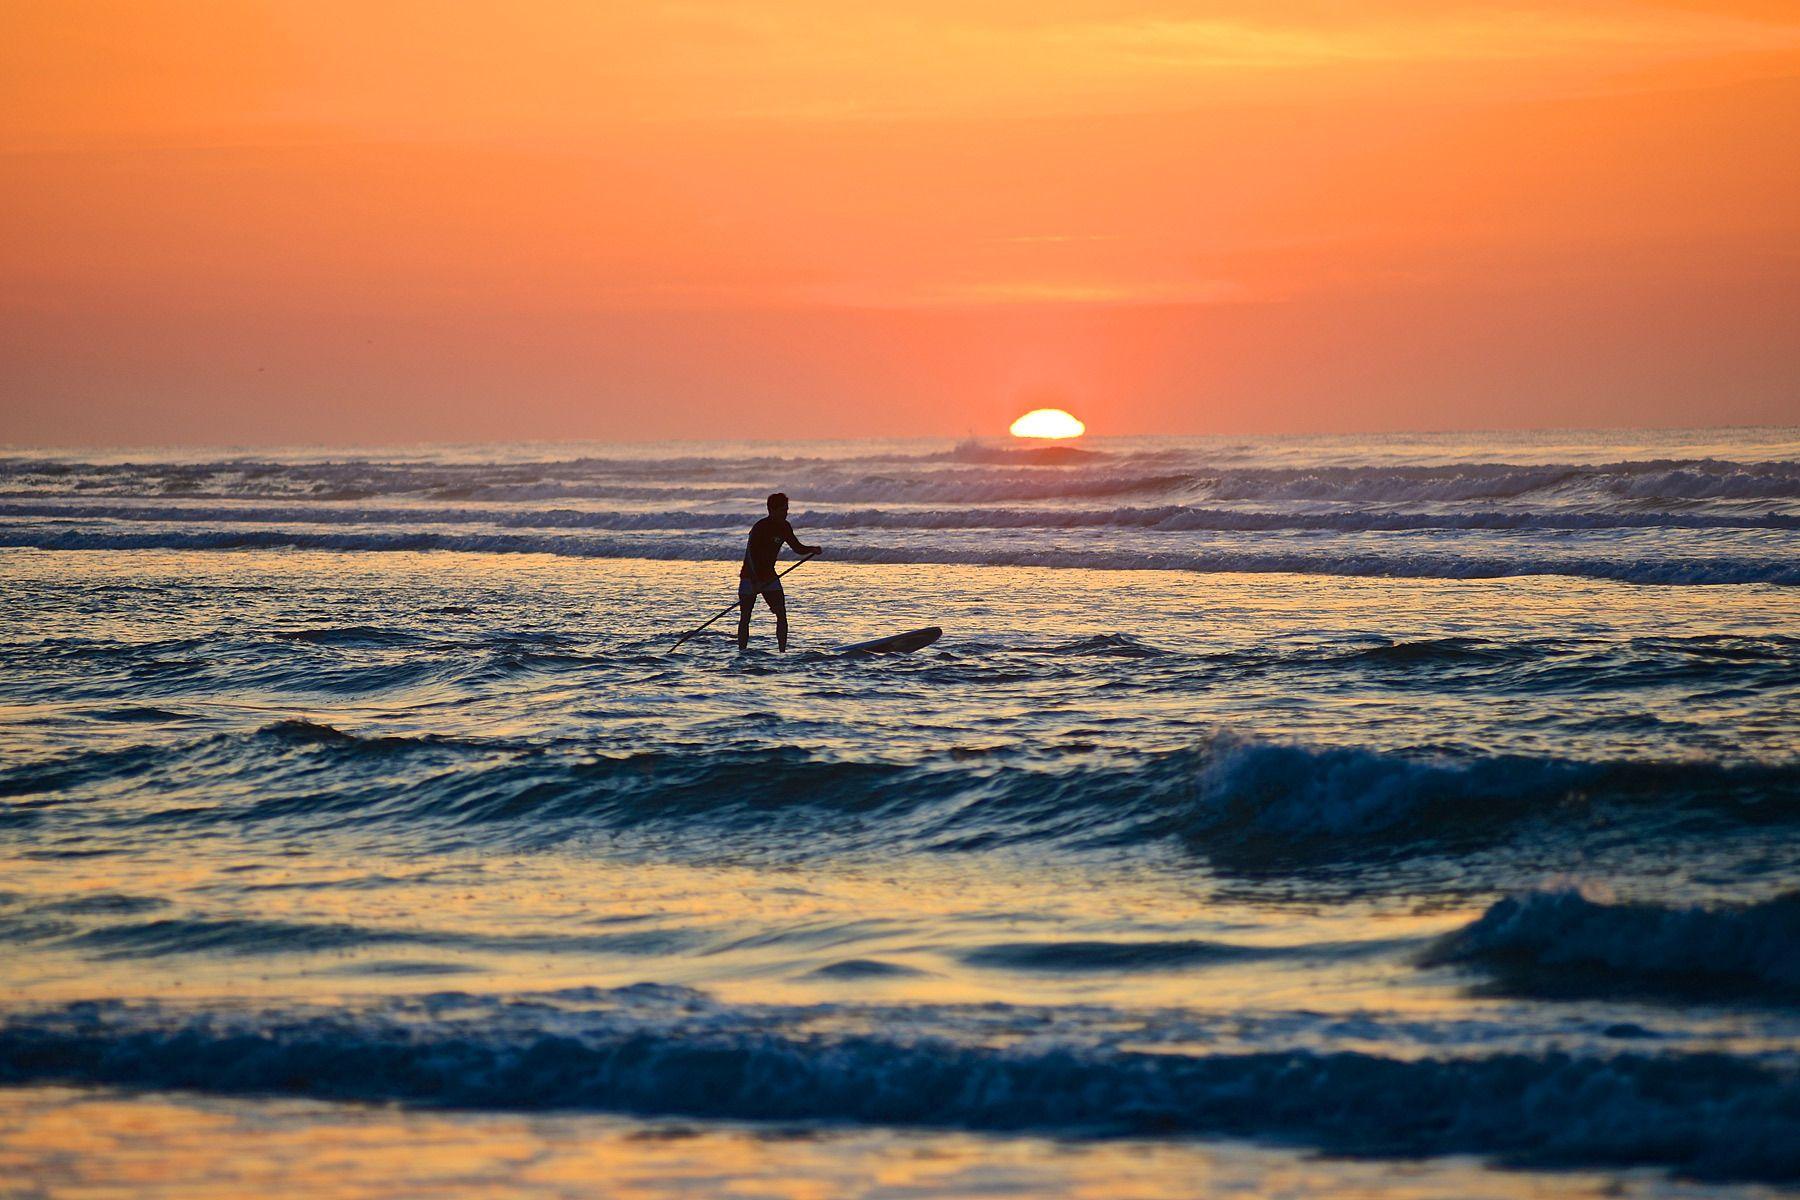 Surfer_Atlantic Ocean